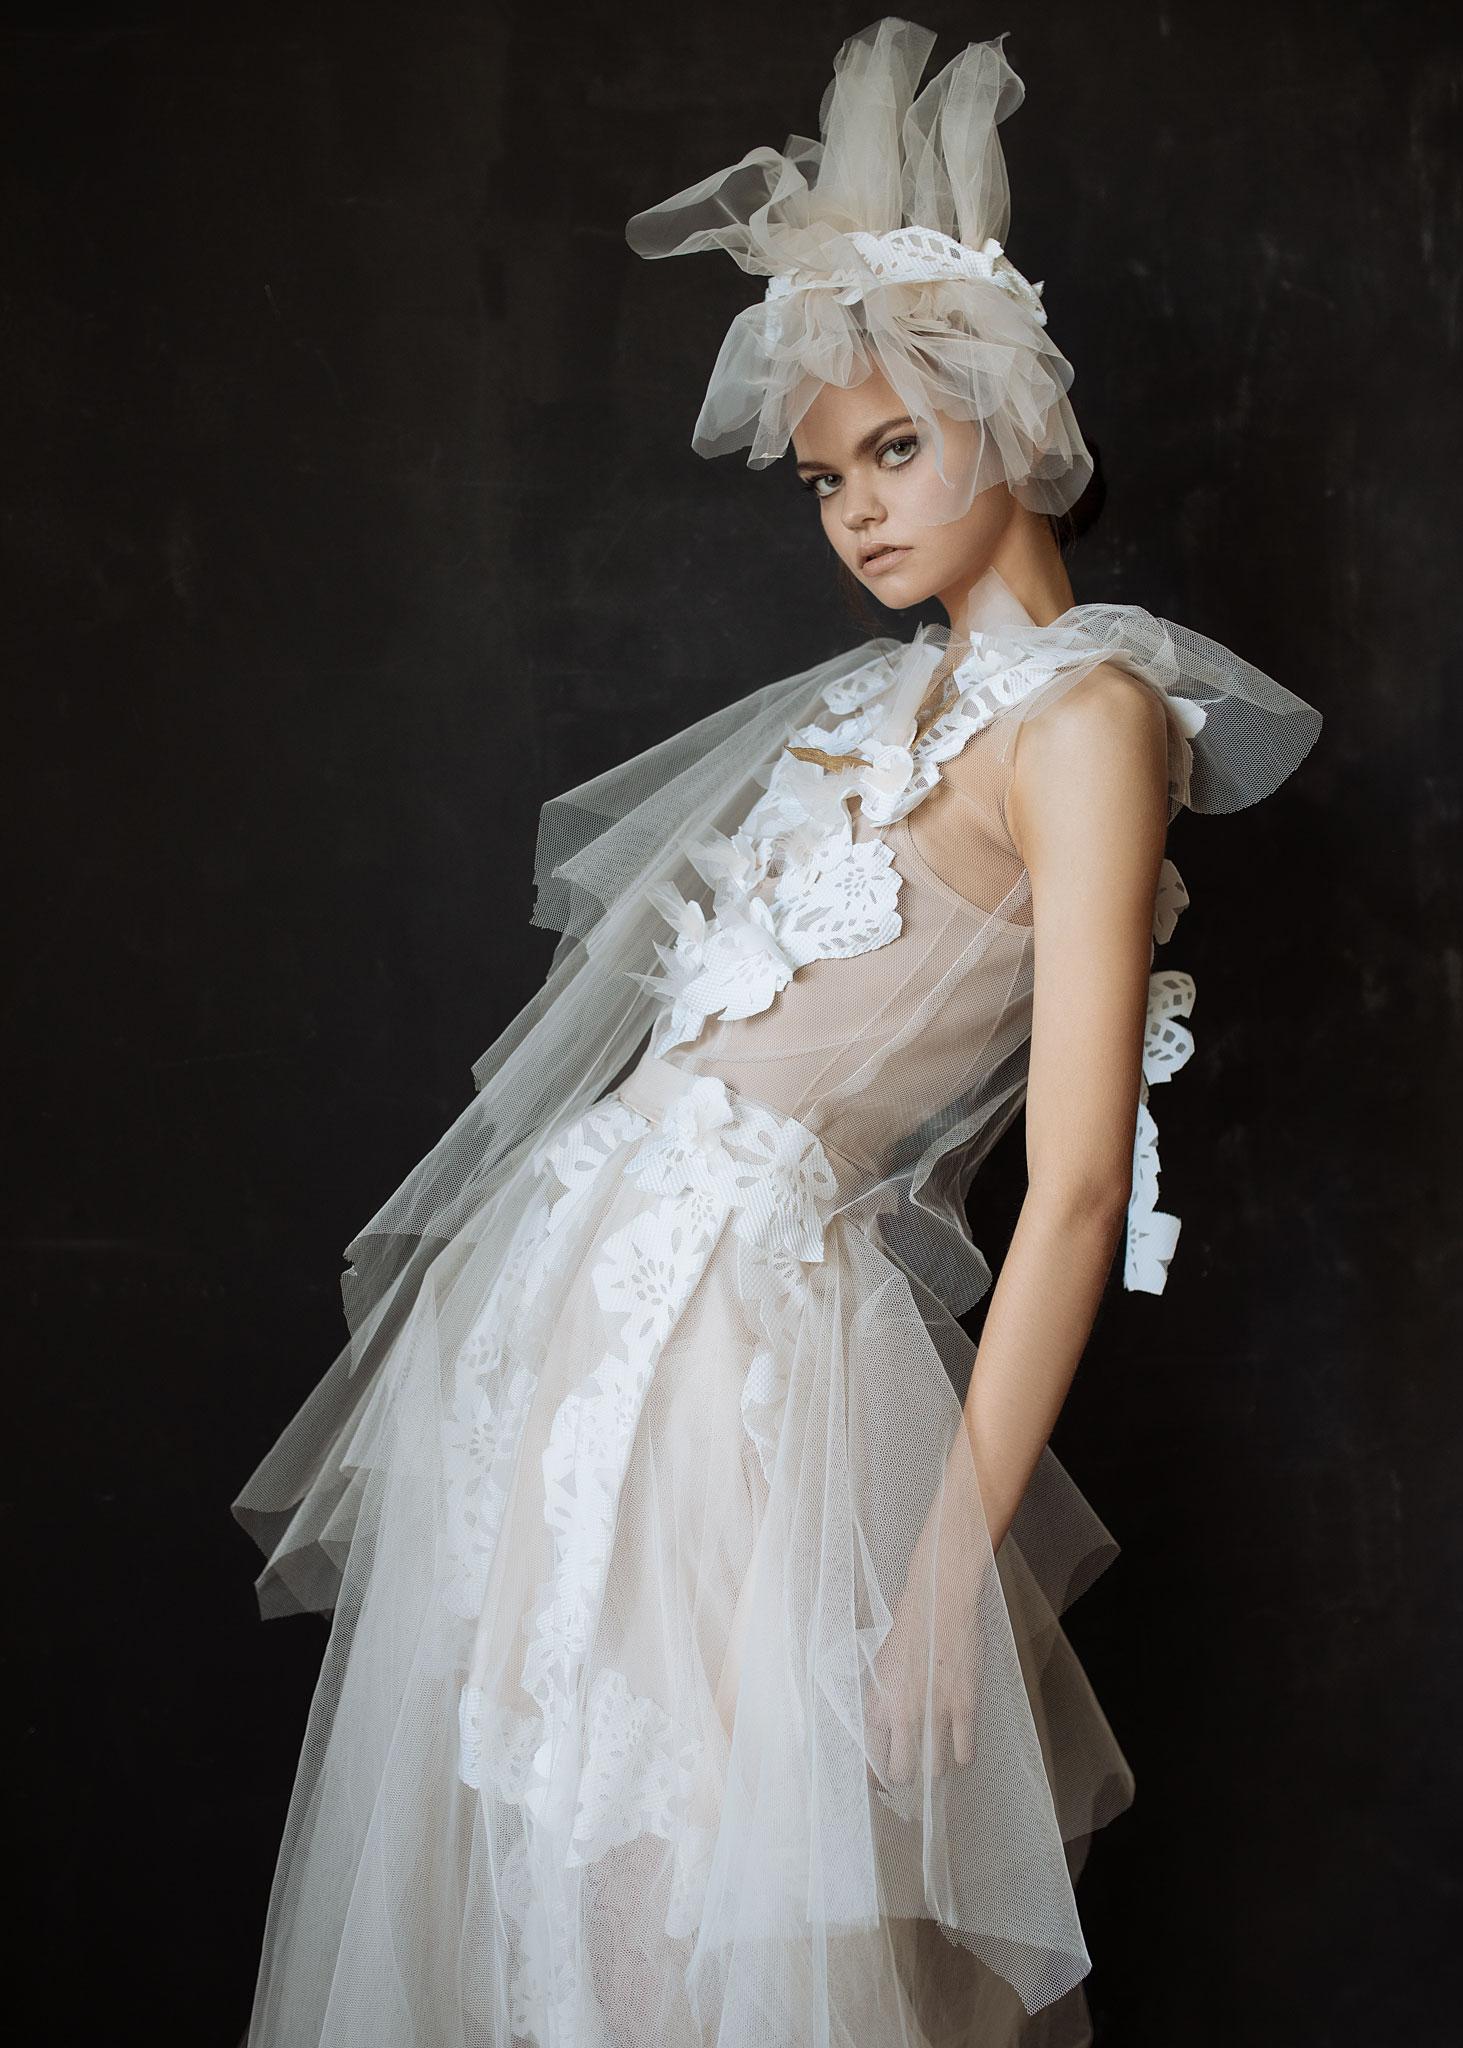 #jkapoisistyle tulle gown